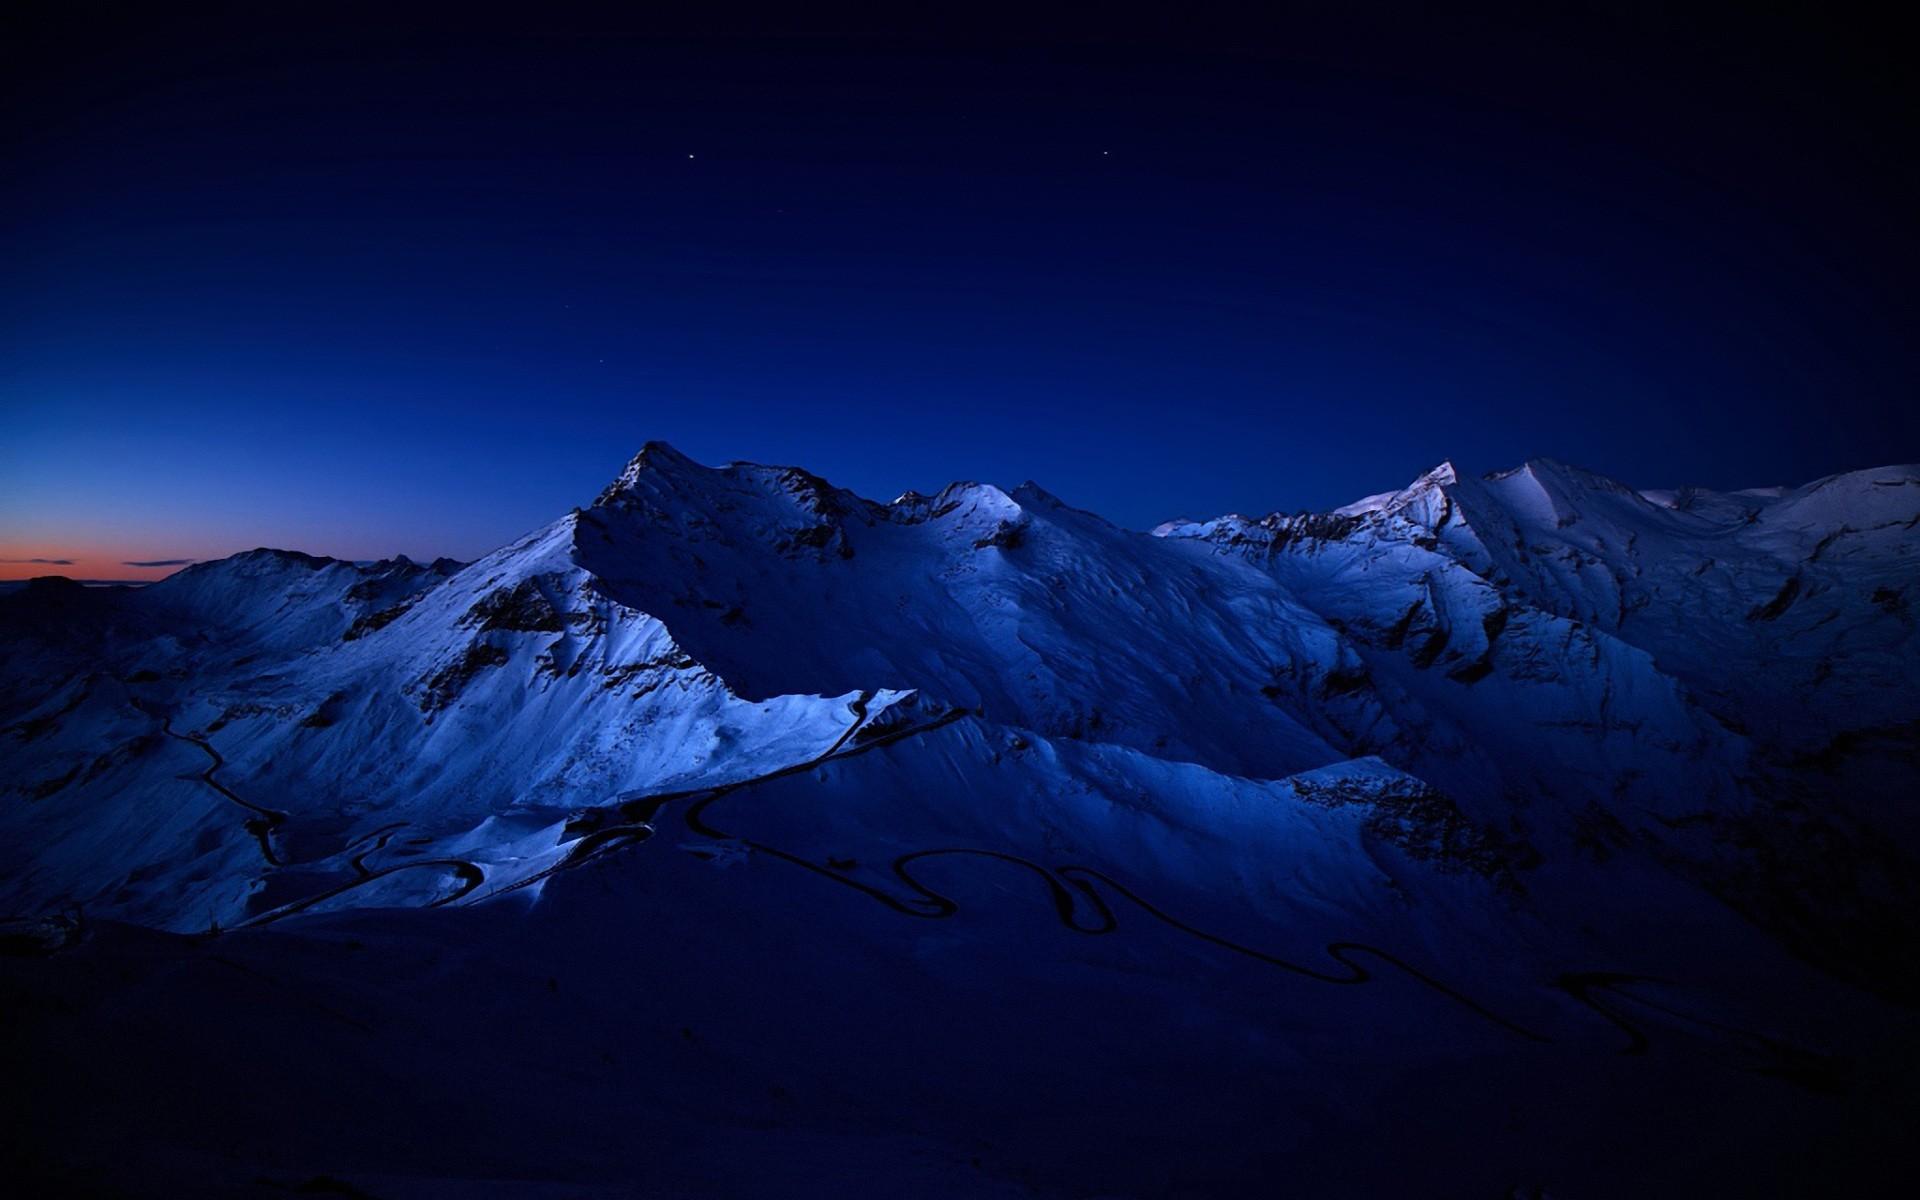 Explore Mountain Wallpaper, Snow Mountain, and more!